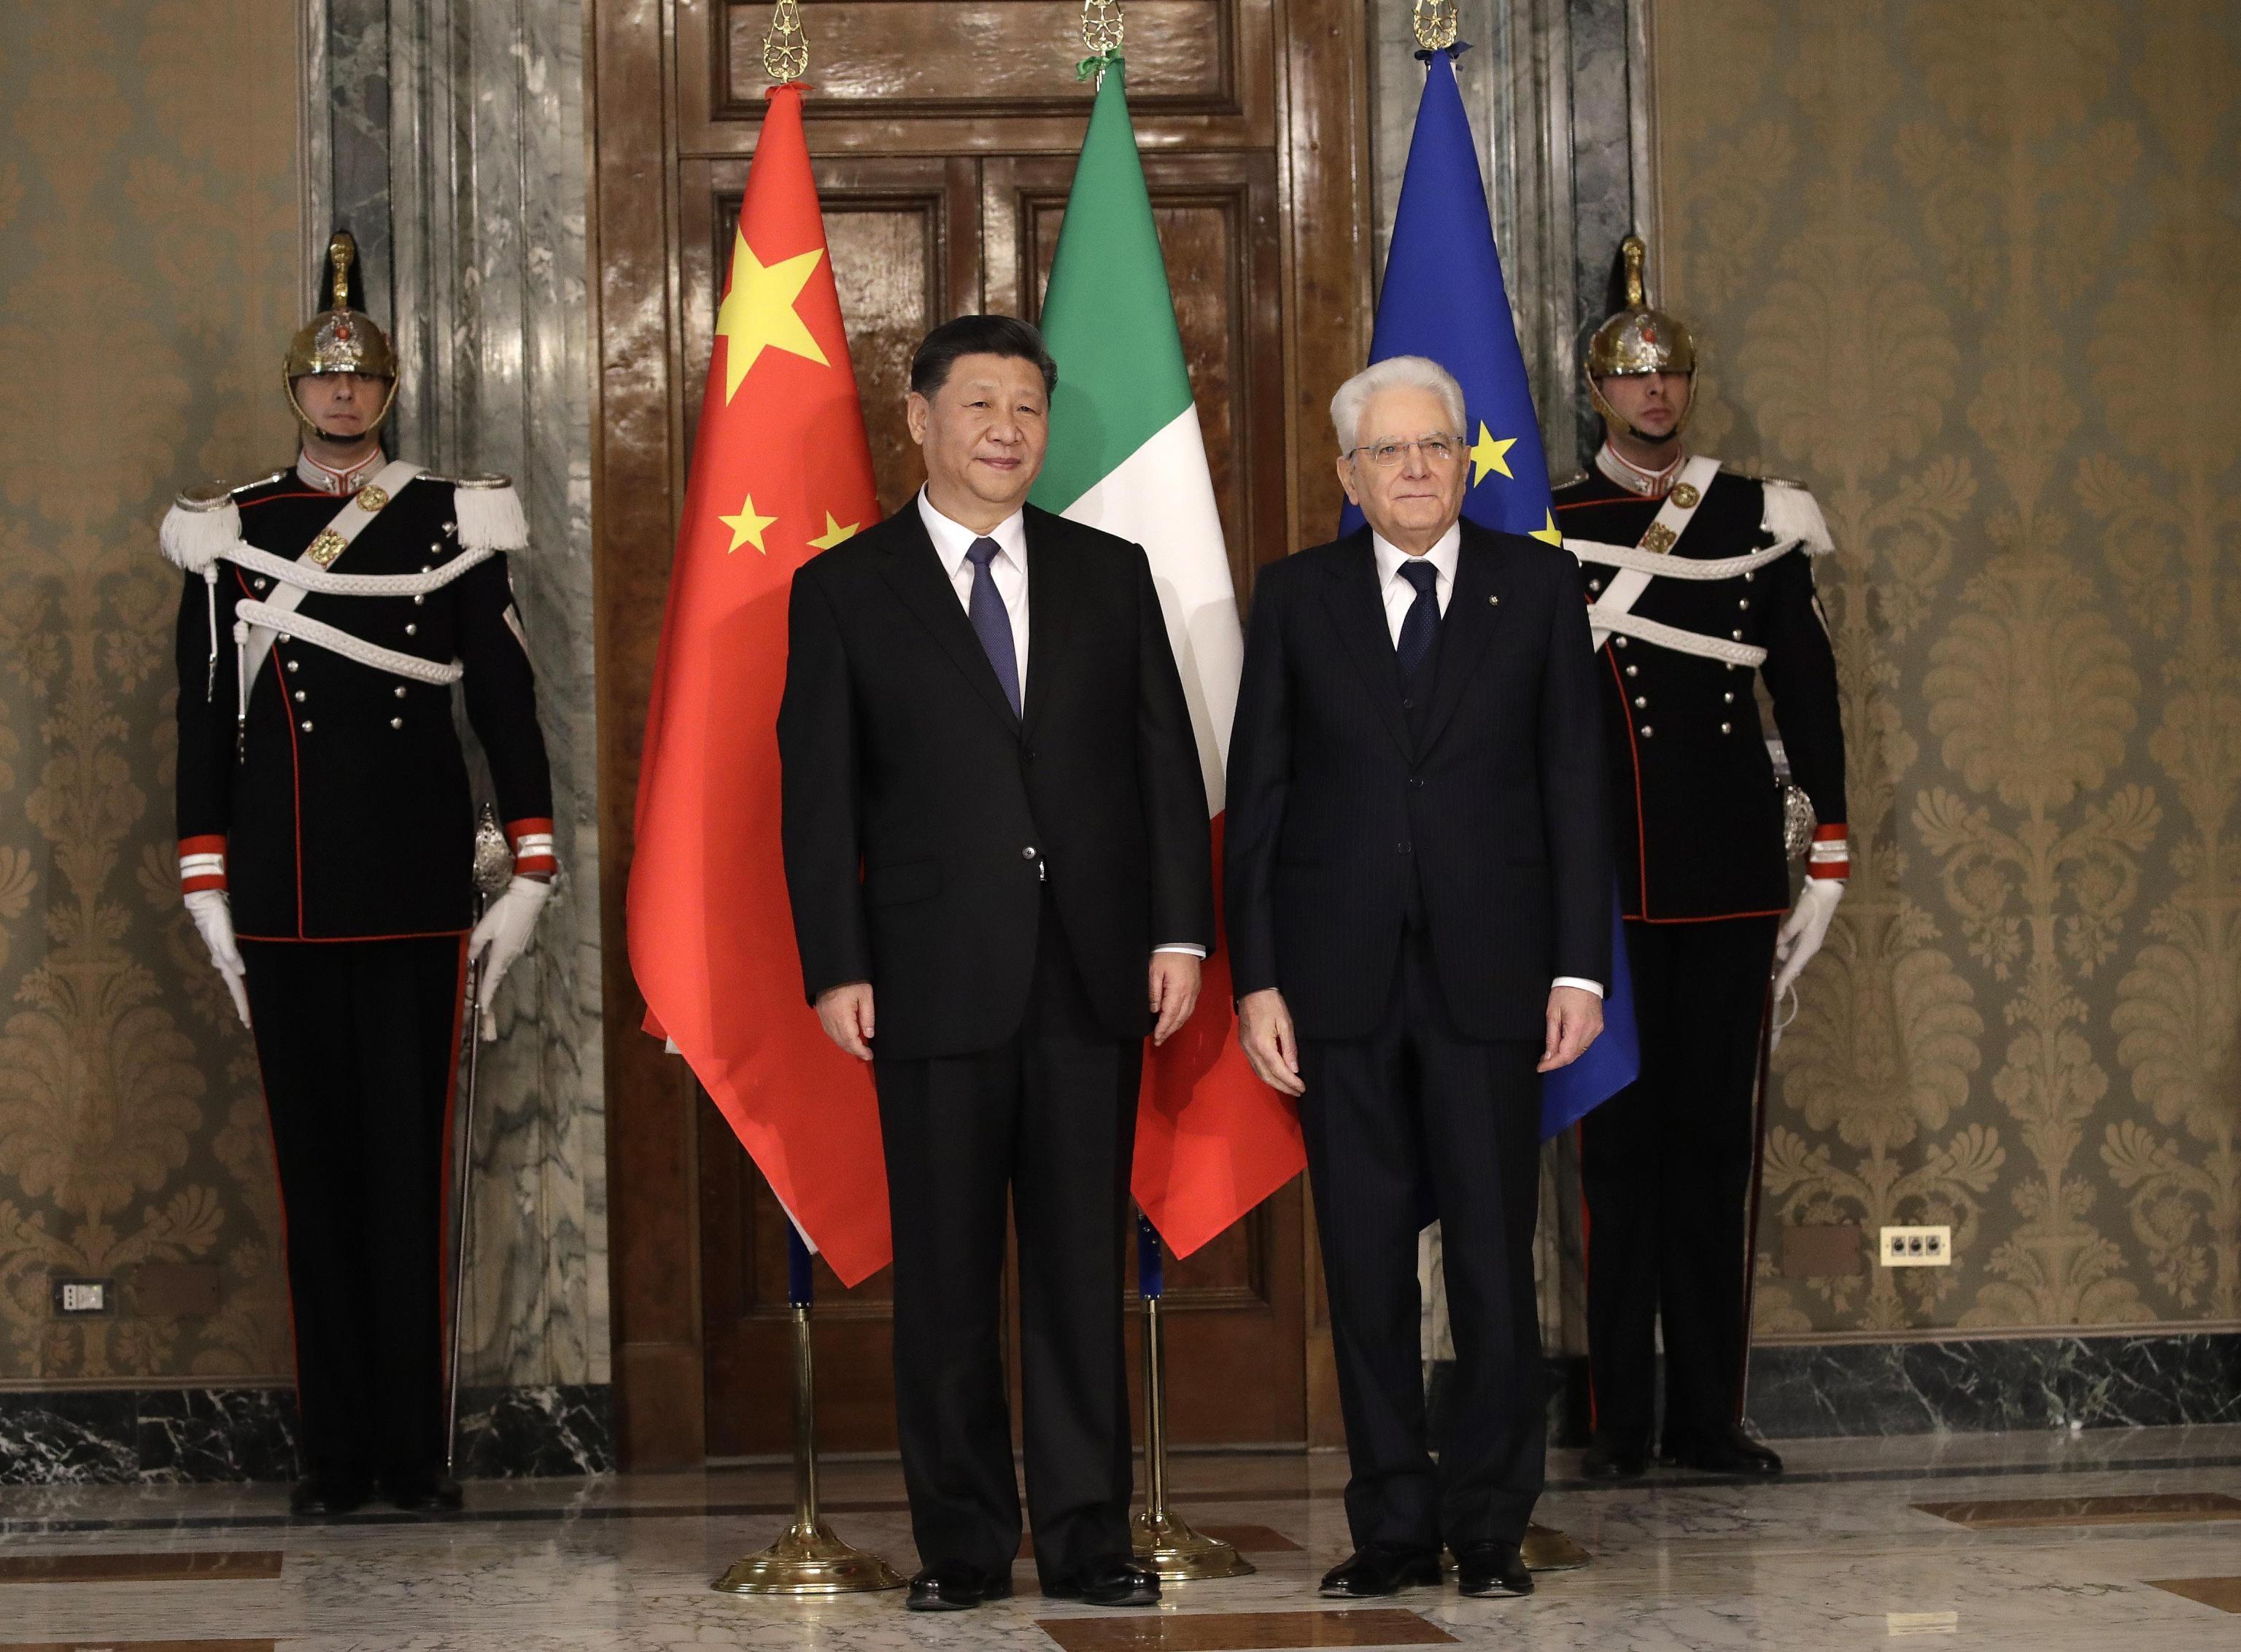 Il Capo di Stato Sergio Mattarella posa davanti i fotografi al Quirinale insieme al Presidente della Repubblica Cinese Xi Jinping dopo un vertice dedicato al memorandum Italia-Cina, valido per i prossimi rapporti commerciali tra i due Paesi